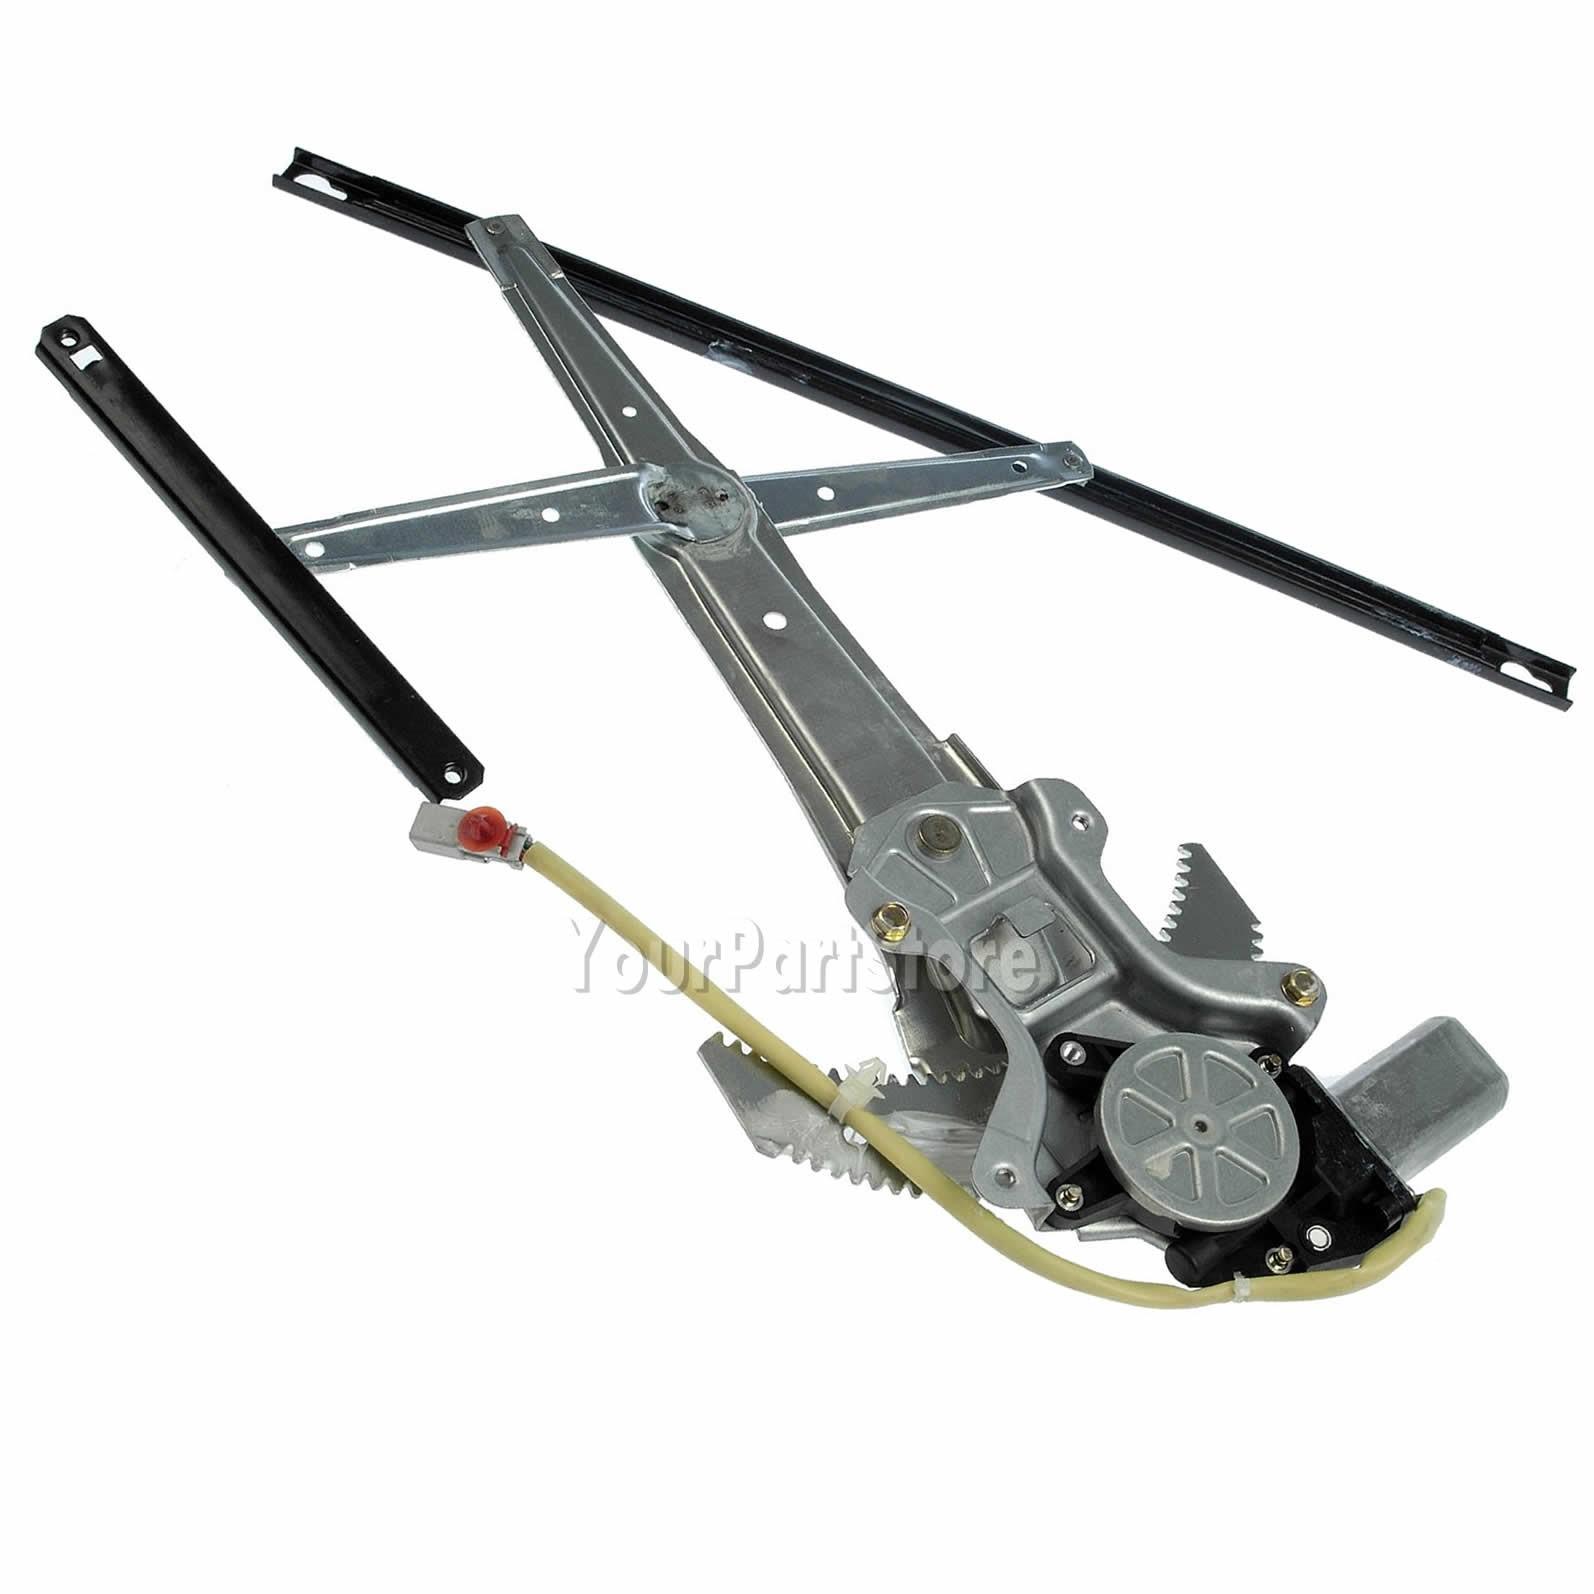 97 01 honda crv cr v power window lift regulator motor for 2000 honda crv driver side window